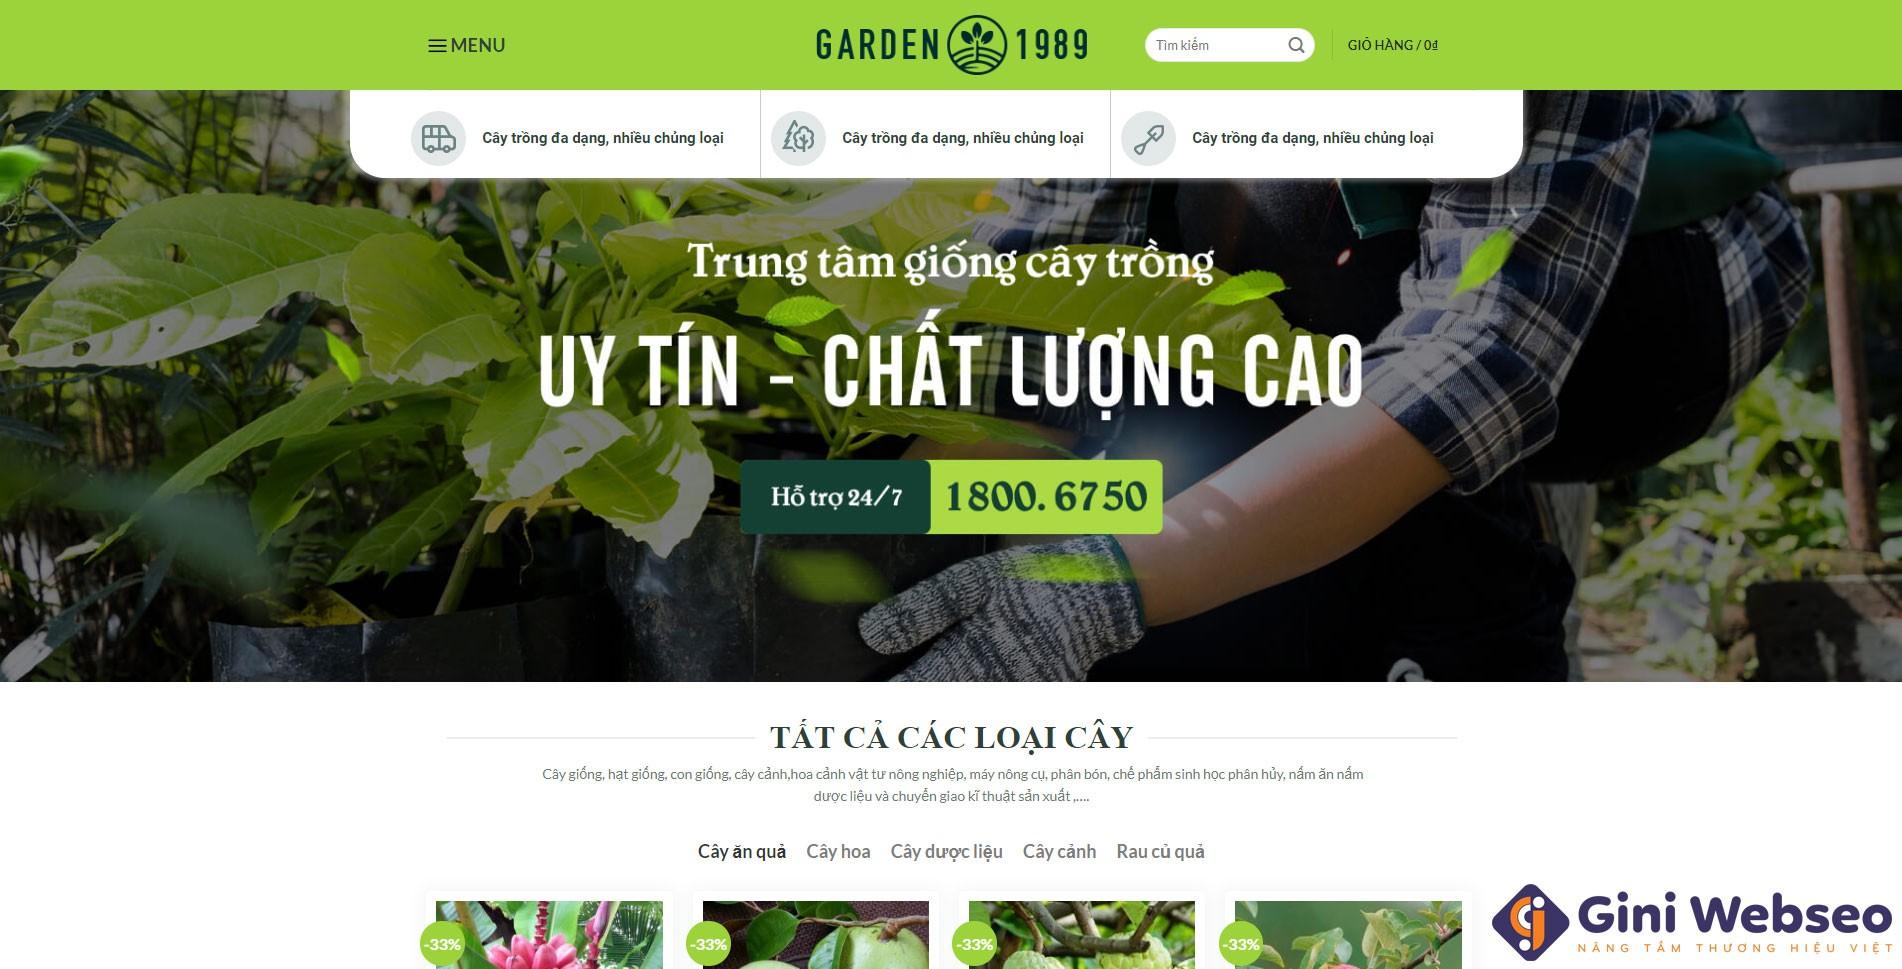 Thiết kế website cây giống Garden 1989